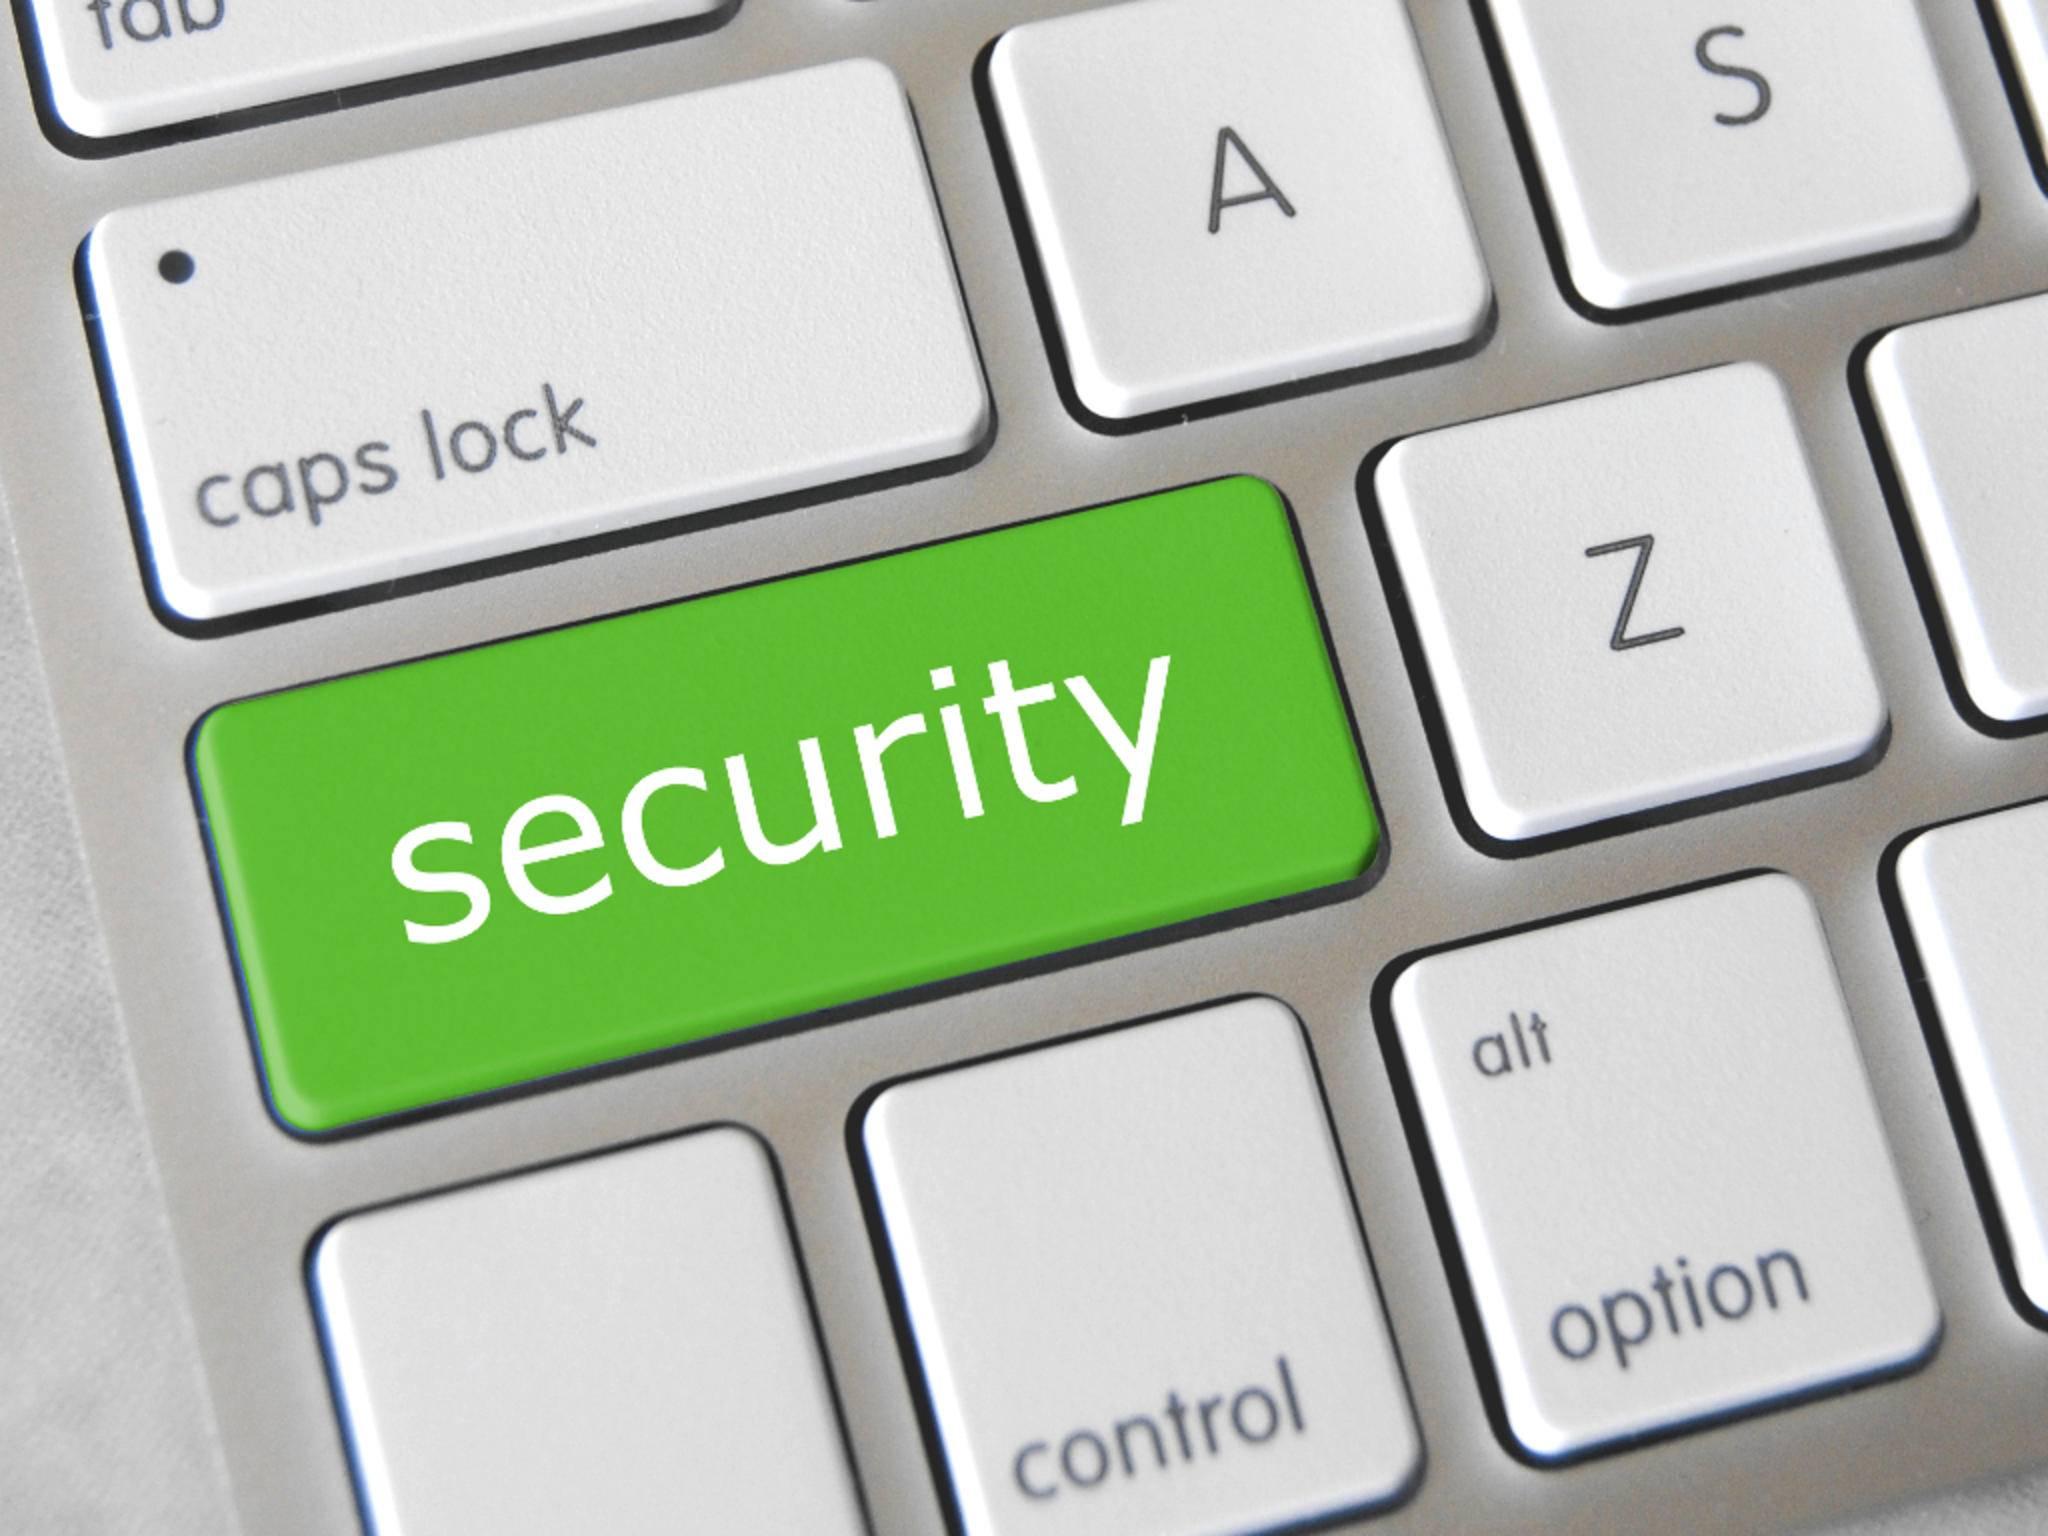 Mit einigen Einstellungen lässt sich die Sicherheit auf dem iPhone 7 erhöhen.